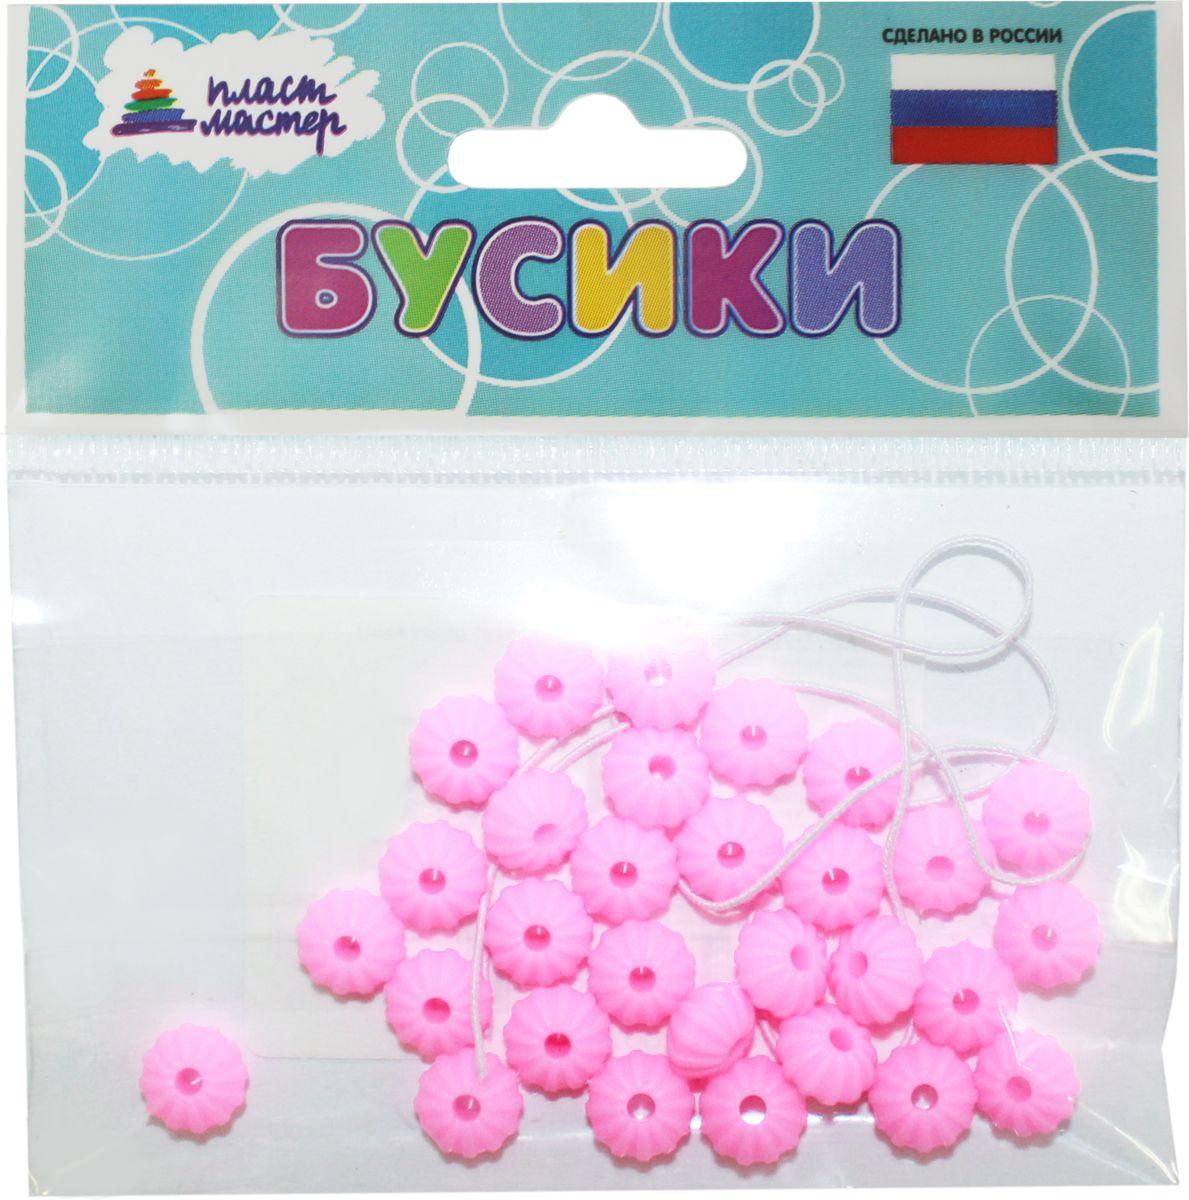 Пластмастер Набор бусин Цветочек цвет розовый автомобиль пластмастер малютка зефирки цвет в ассортименте 31172